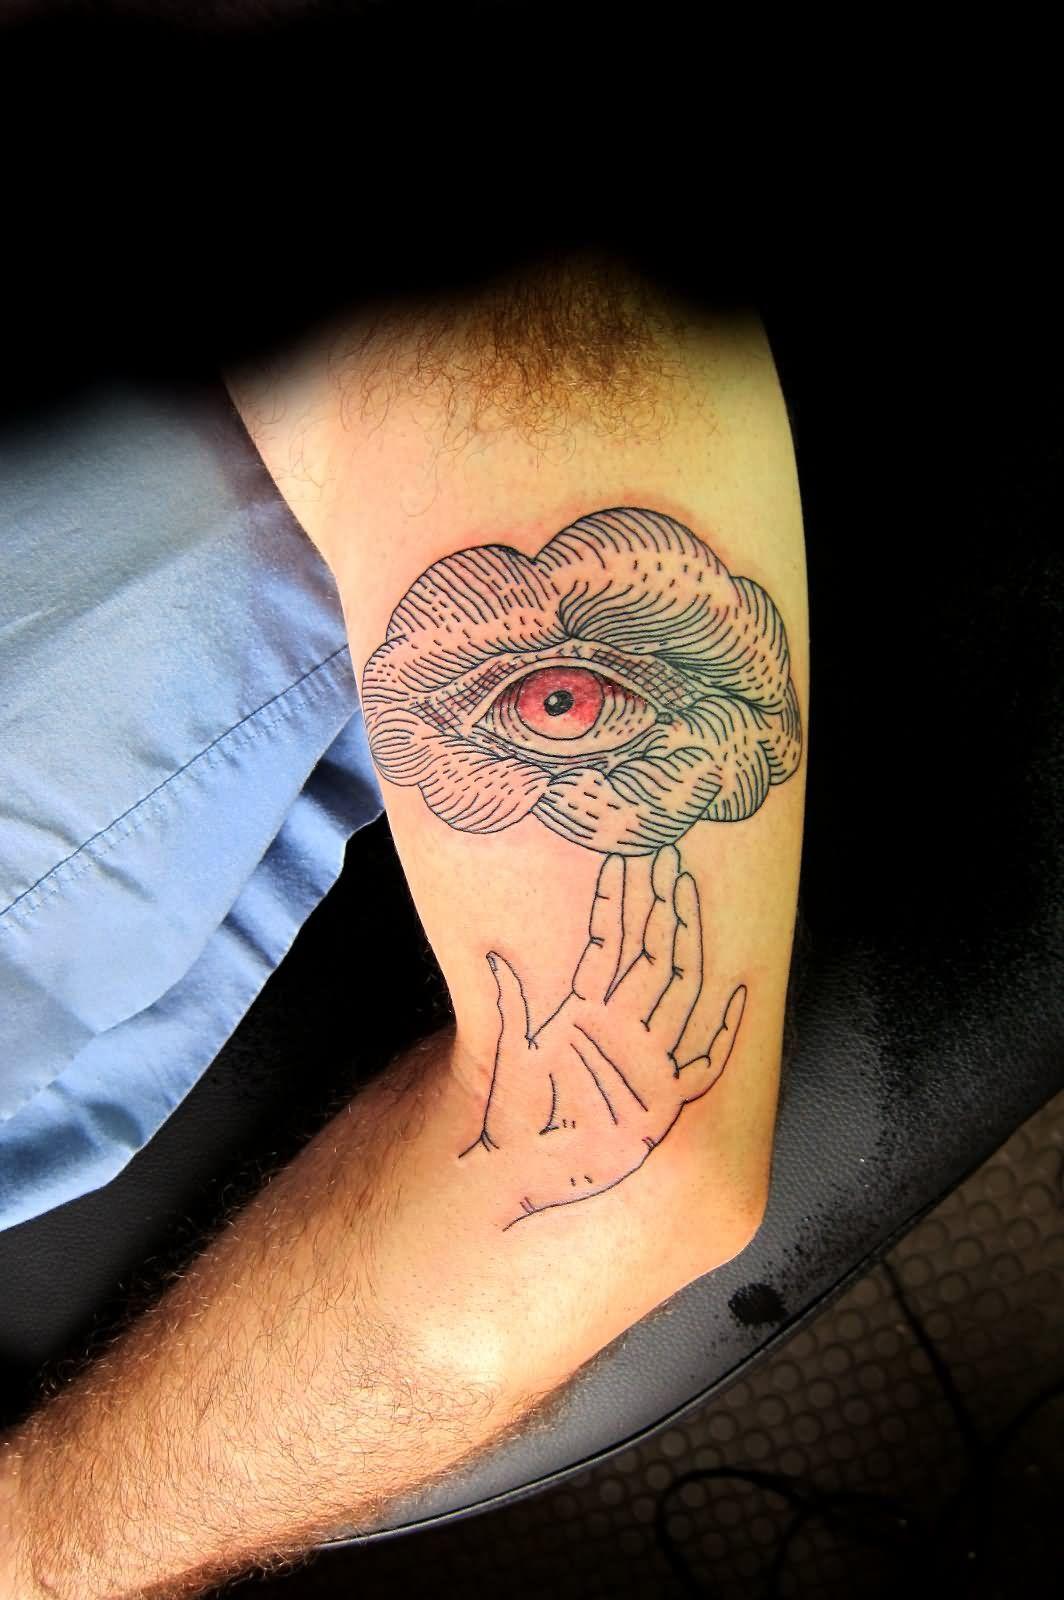 Eye In Cloud Tattoo On Left Half Sleeve Y inside sizing 1064 X 1600